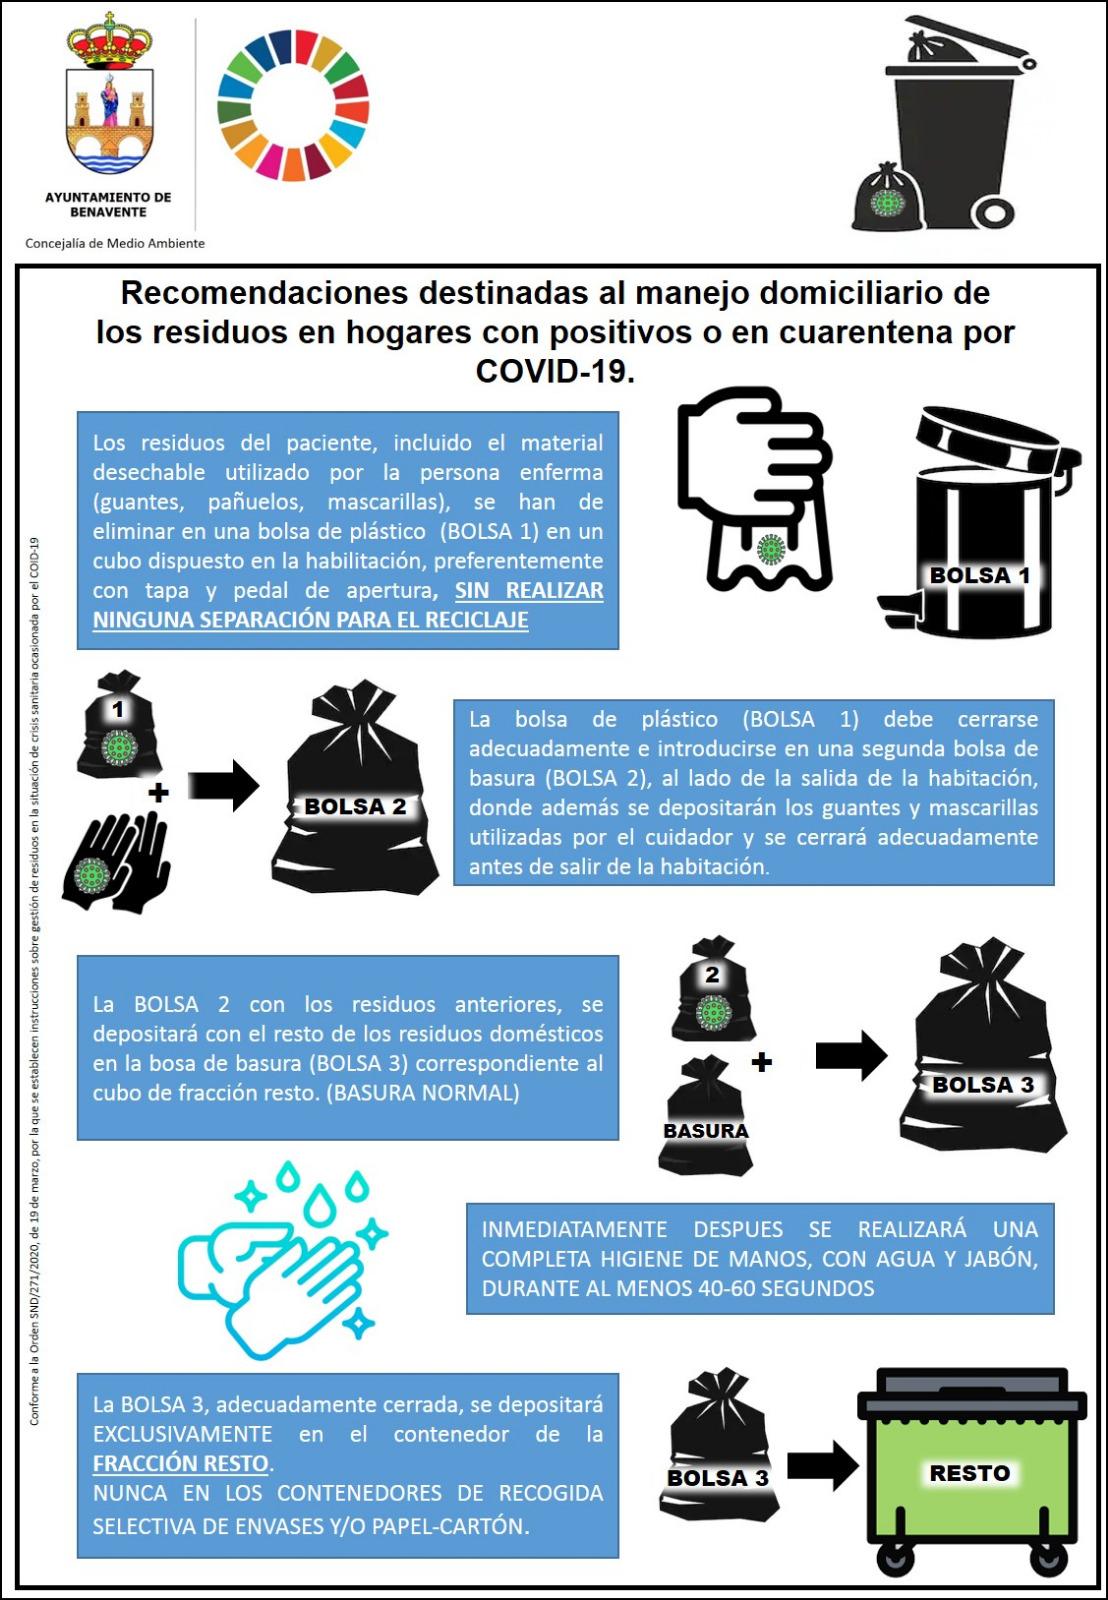 Residuos con coronavirus